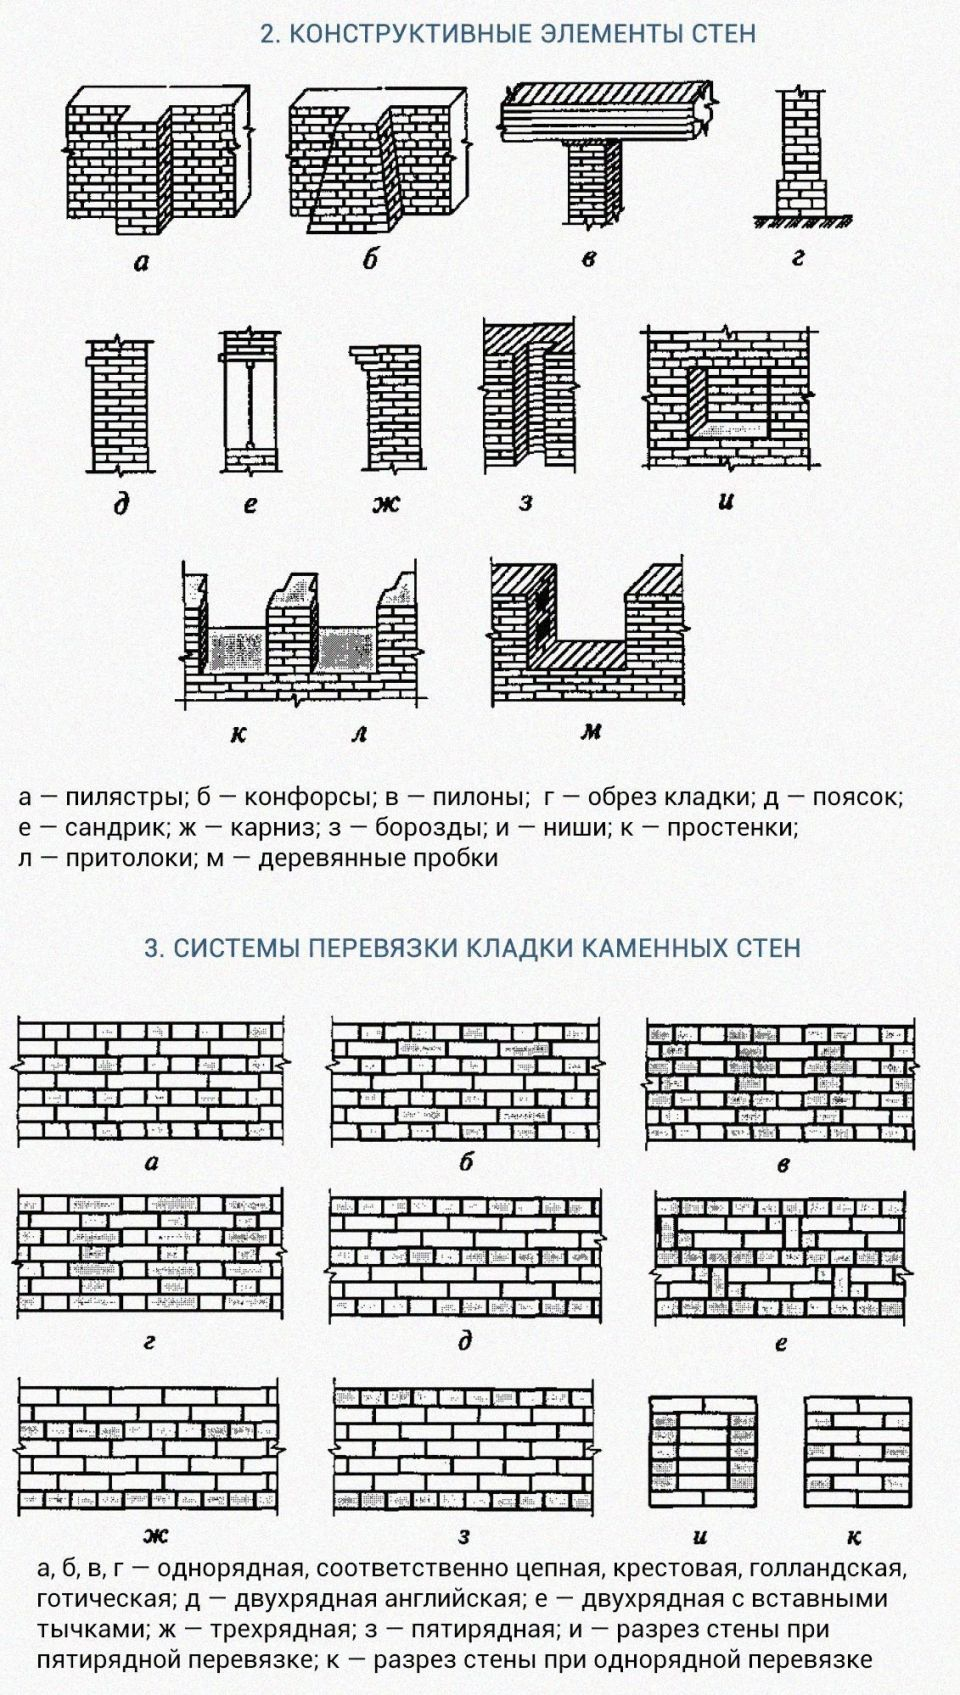 Конструктивные решения зданий с каменными стенамиПо степени пространственной жесткости здания с каменными стенами можно разделить на здания с жесткой конструктивной схемой, к которым относятся здания с частым расположением поперечных стен, т.е. преимущественно гражданские здания, и здания с упругой конструктивной схемой, к которым относятся одноэтажные производственные, складские и другие подобные здания (в них продольные стены имеют значительную высоту и большие расстояния между поперечными стенами).В зависимости от назначения здания или сооружения, действующих нагрузок, этажности и других факторов каменные стены (рис. 1) подразделяются на:• несущие, воспринимающие все вертикальные и горизонтальные нагрузки;• самонесущие, воспринимающие только собственную массу;• ненесущие (фахверковые), в которых каменная кладка используется как заполнение панелей, образованных ригелями, раскосами и стойками каркаса.Прочность каменных стен в большой степени зависит от прочности кладки:Rкл = А•Rк•[1-0,2/(0,3 + Rp/2Rк)]где А — коэффициент, зависящий от прочности камня; Rк — прочность камня; Rр — прочность раствора.В соответствии с этим, даже если прочность раствора будет равна 0, кладка будет иметь прочность, равную 33 % ее максимально возможной прочности. Для обеспечения совместной работы и образования пространственной коробки стены обычно связывают друг с другом, с перекрытиями и каркасом при помощи анкеров. Поэтому устойчивость и жесткость каменных стен зависят не только от их собственной жесткости, но и от жесткости перекрытий, покрытий и других конструкций, которые обеспечивают опирание и закрепление стен по их высоте.Стены бывают сплошными (без проемов) и с проемами. Сплошные стены без конструктивных элементов и архитектурных деталей называются гладкими. Различают следующие конструктивные элементы стен (рис. 2):• пилястры — вертикальные выступы на поверхности стены прямоугольного сечения, служащие для членения плоскости стены;• конфорсы — такие же выступы, увеличивающие устойч